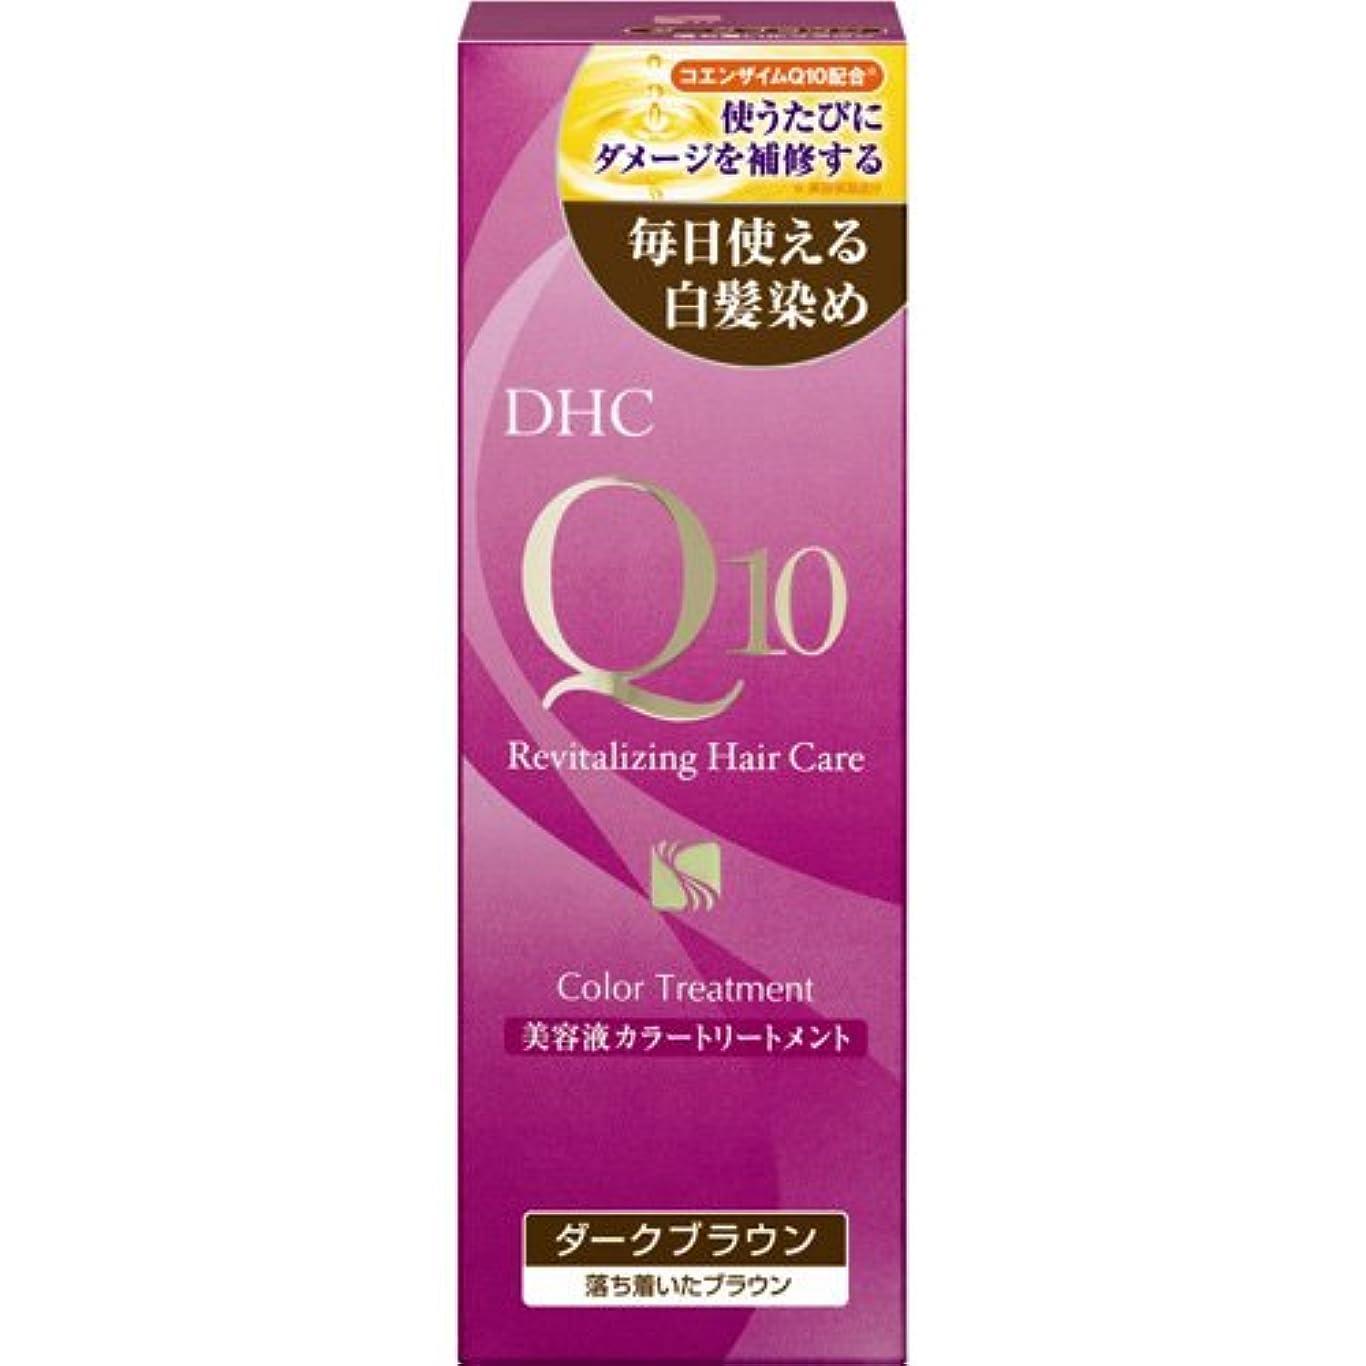 部門演じるローラーDHC Q10美溶液カラートリートメントDブラウンSS170g